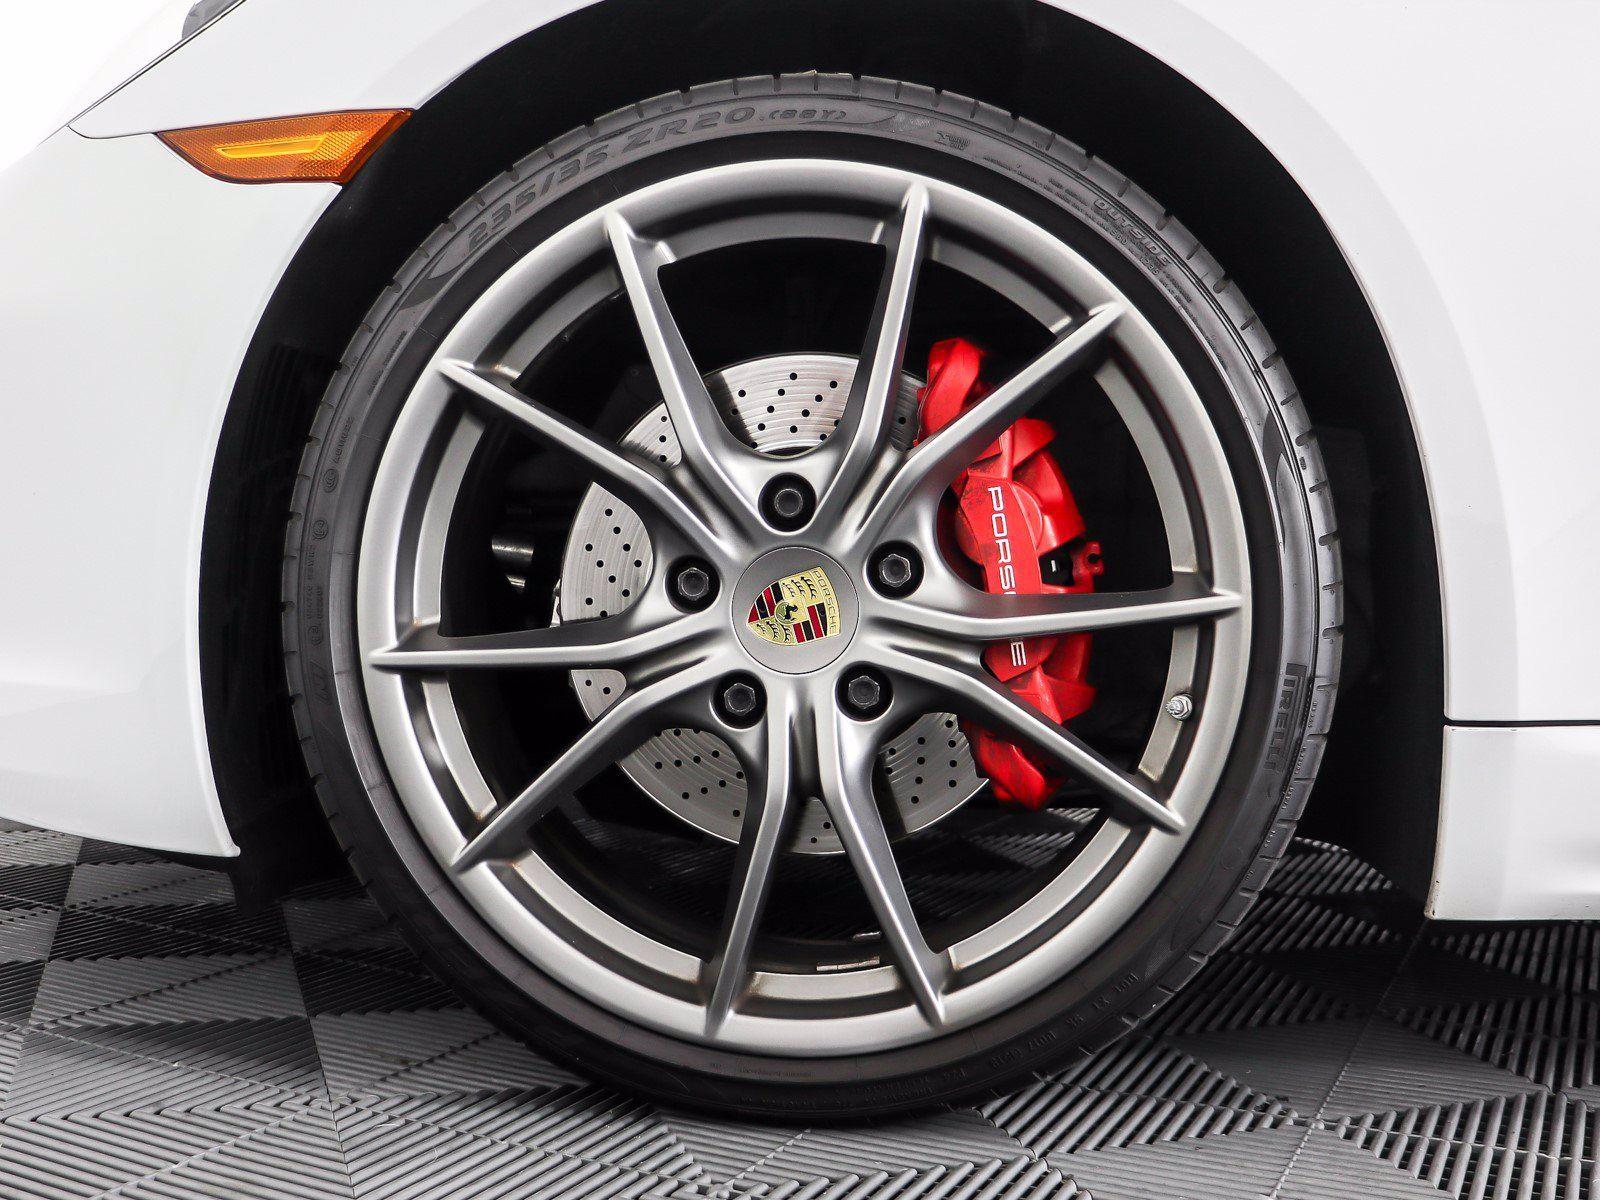 2017 Porsche 718 Boxster S – 5